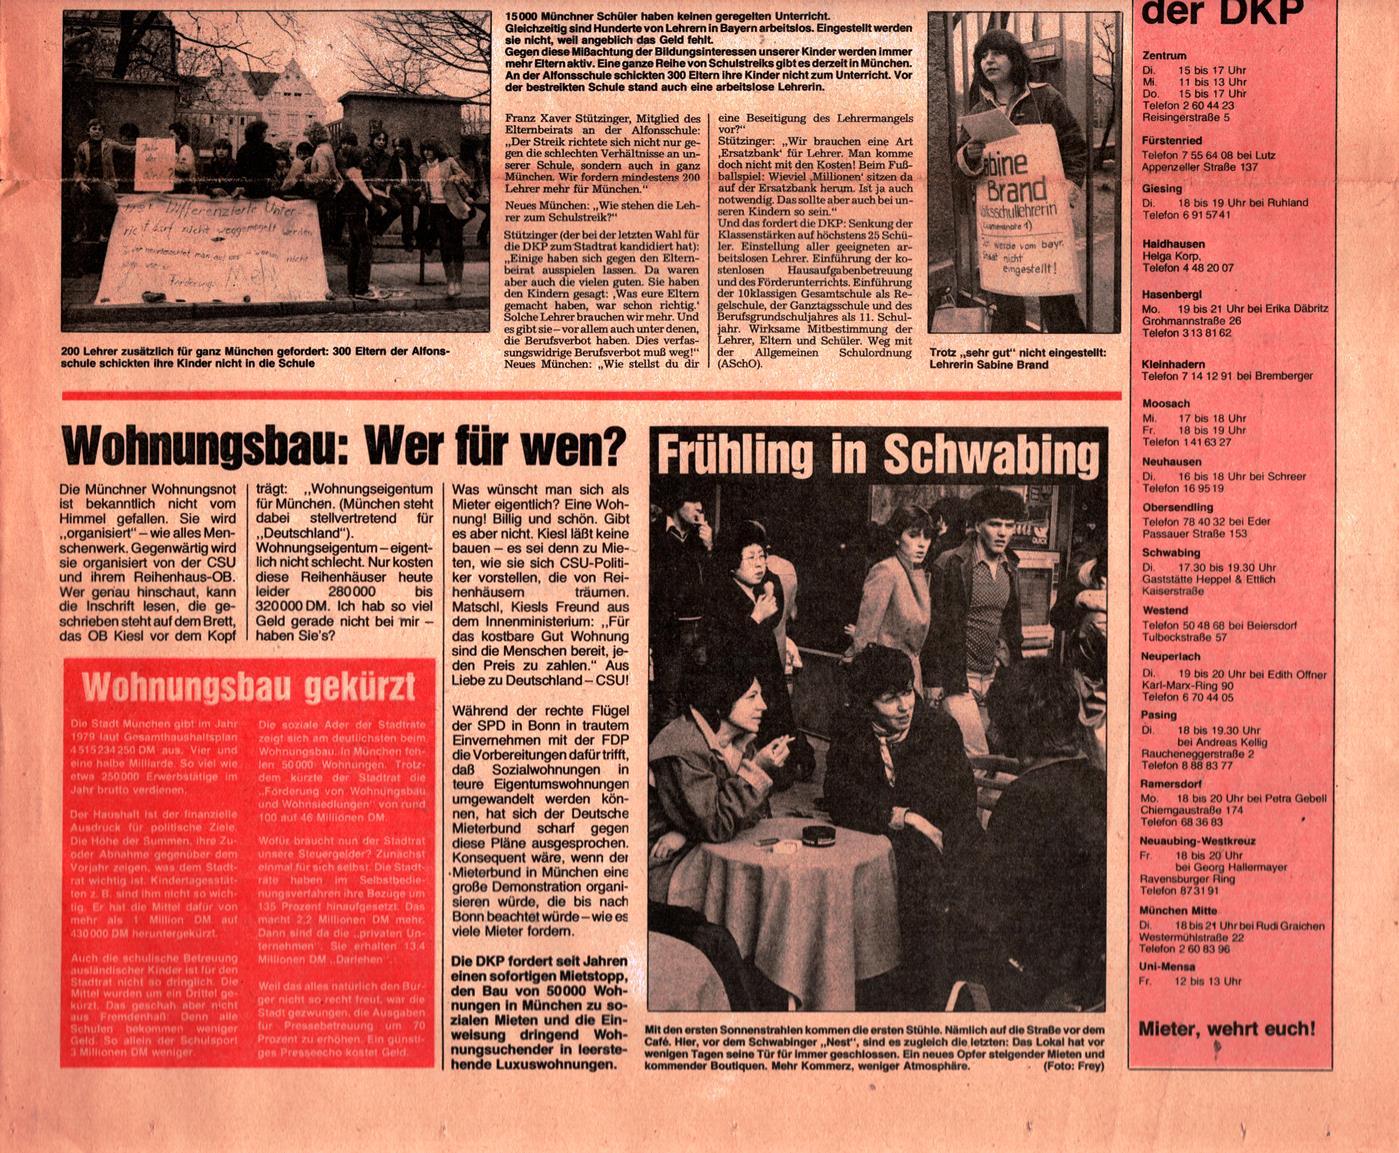 Muenchen_DKP_Neues_Muenchen_19790400_004_002